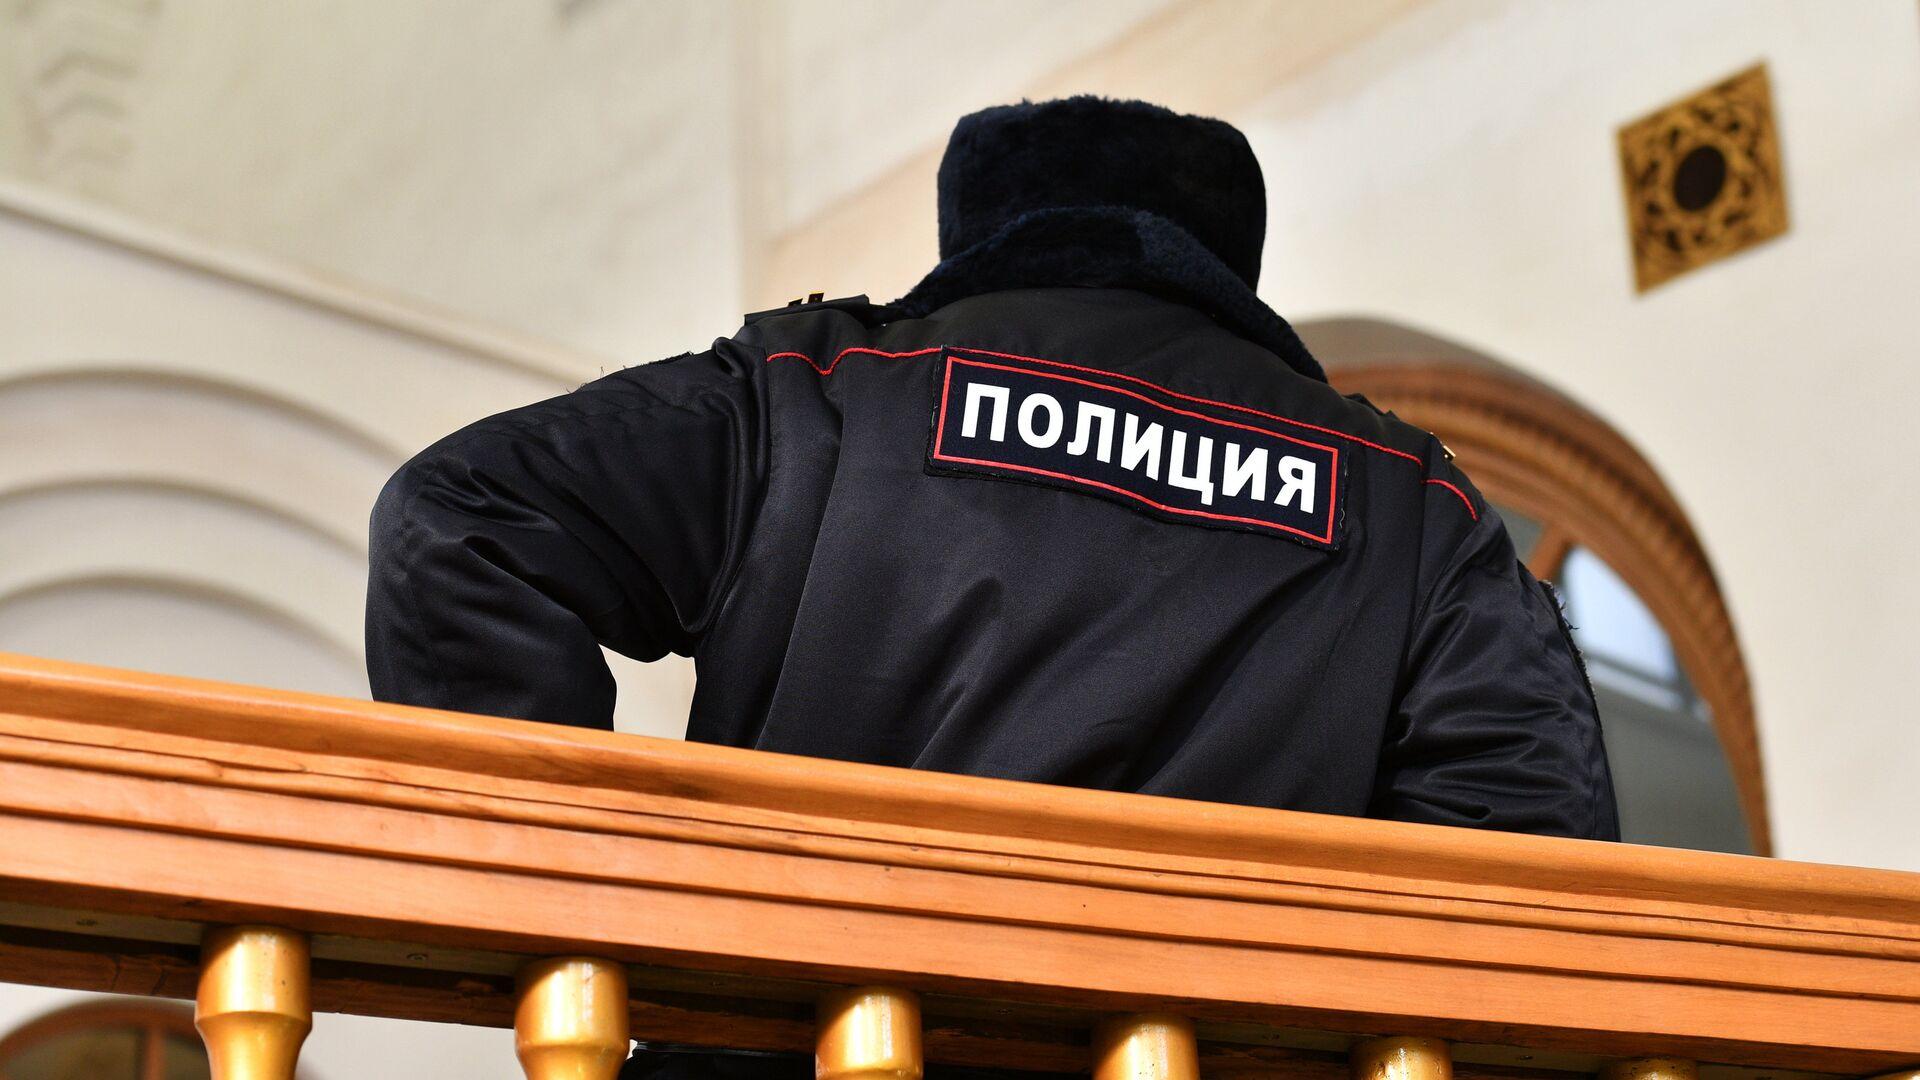 Сотрудник полиции на станции метро - РИА Новости, 1920, 11.10.2020